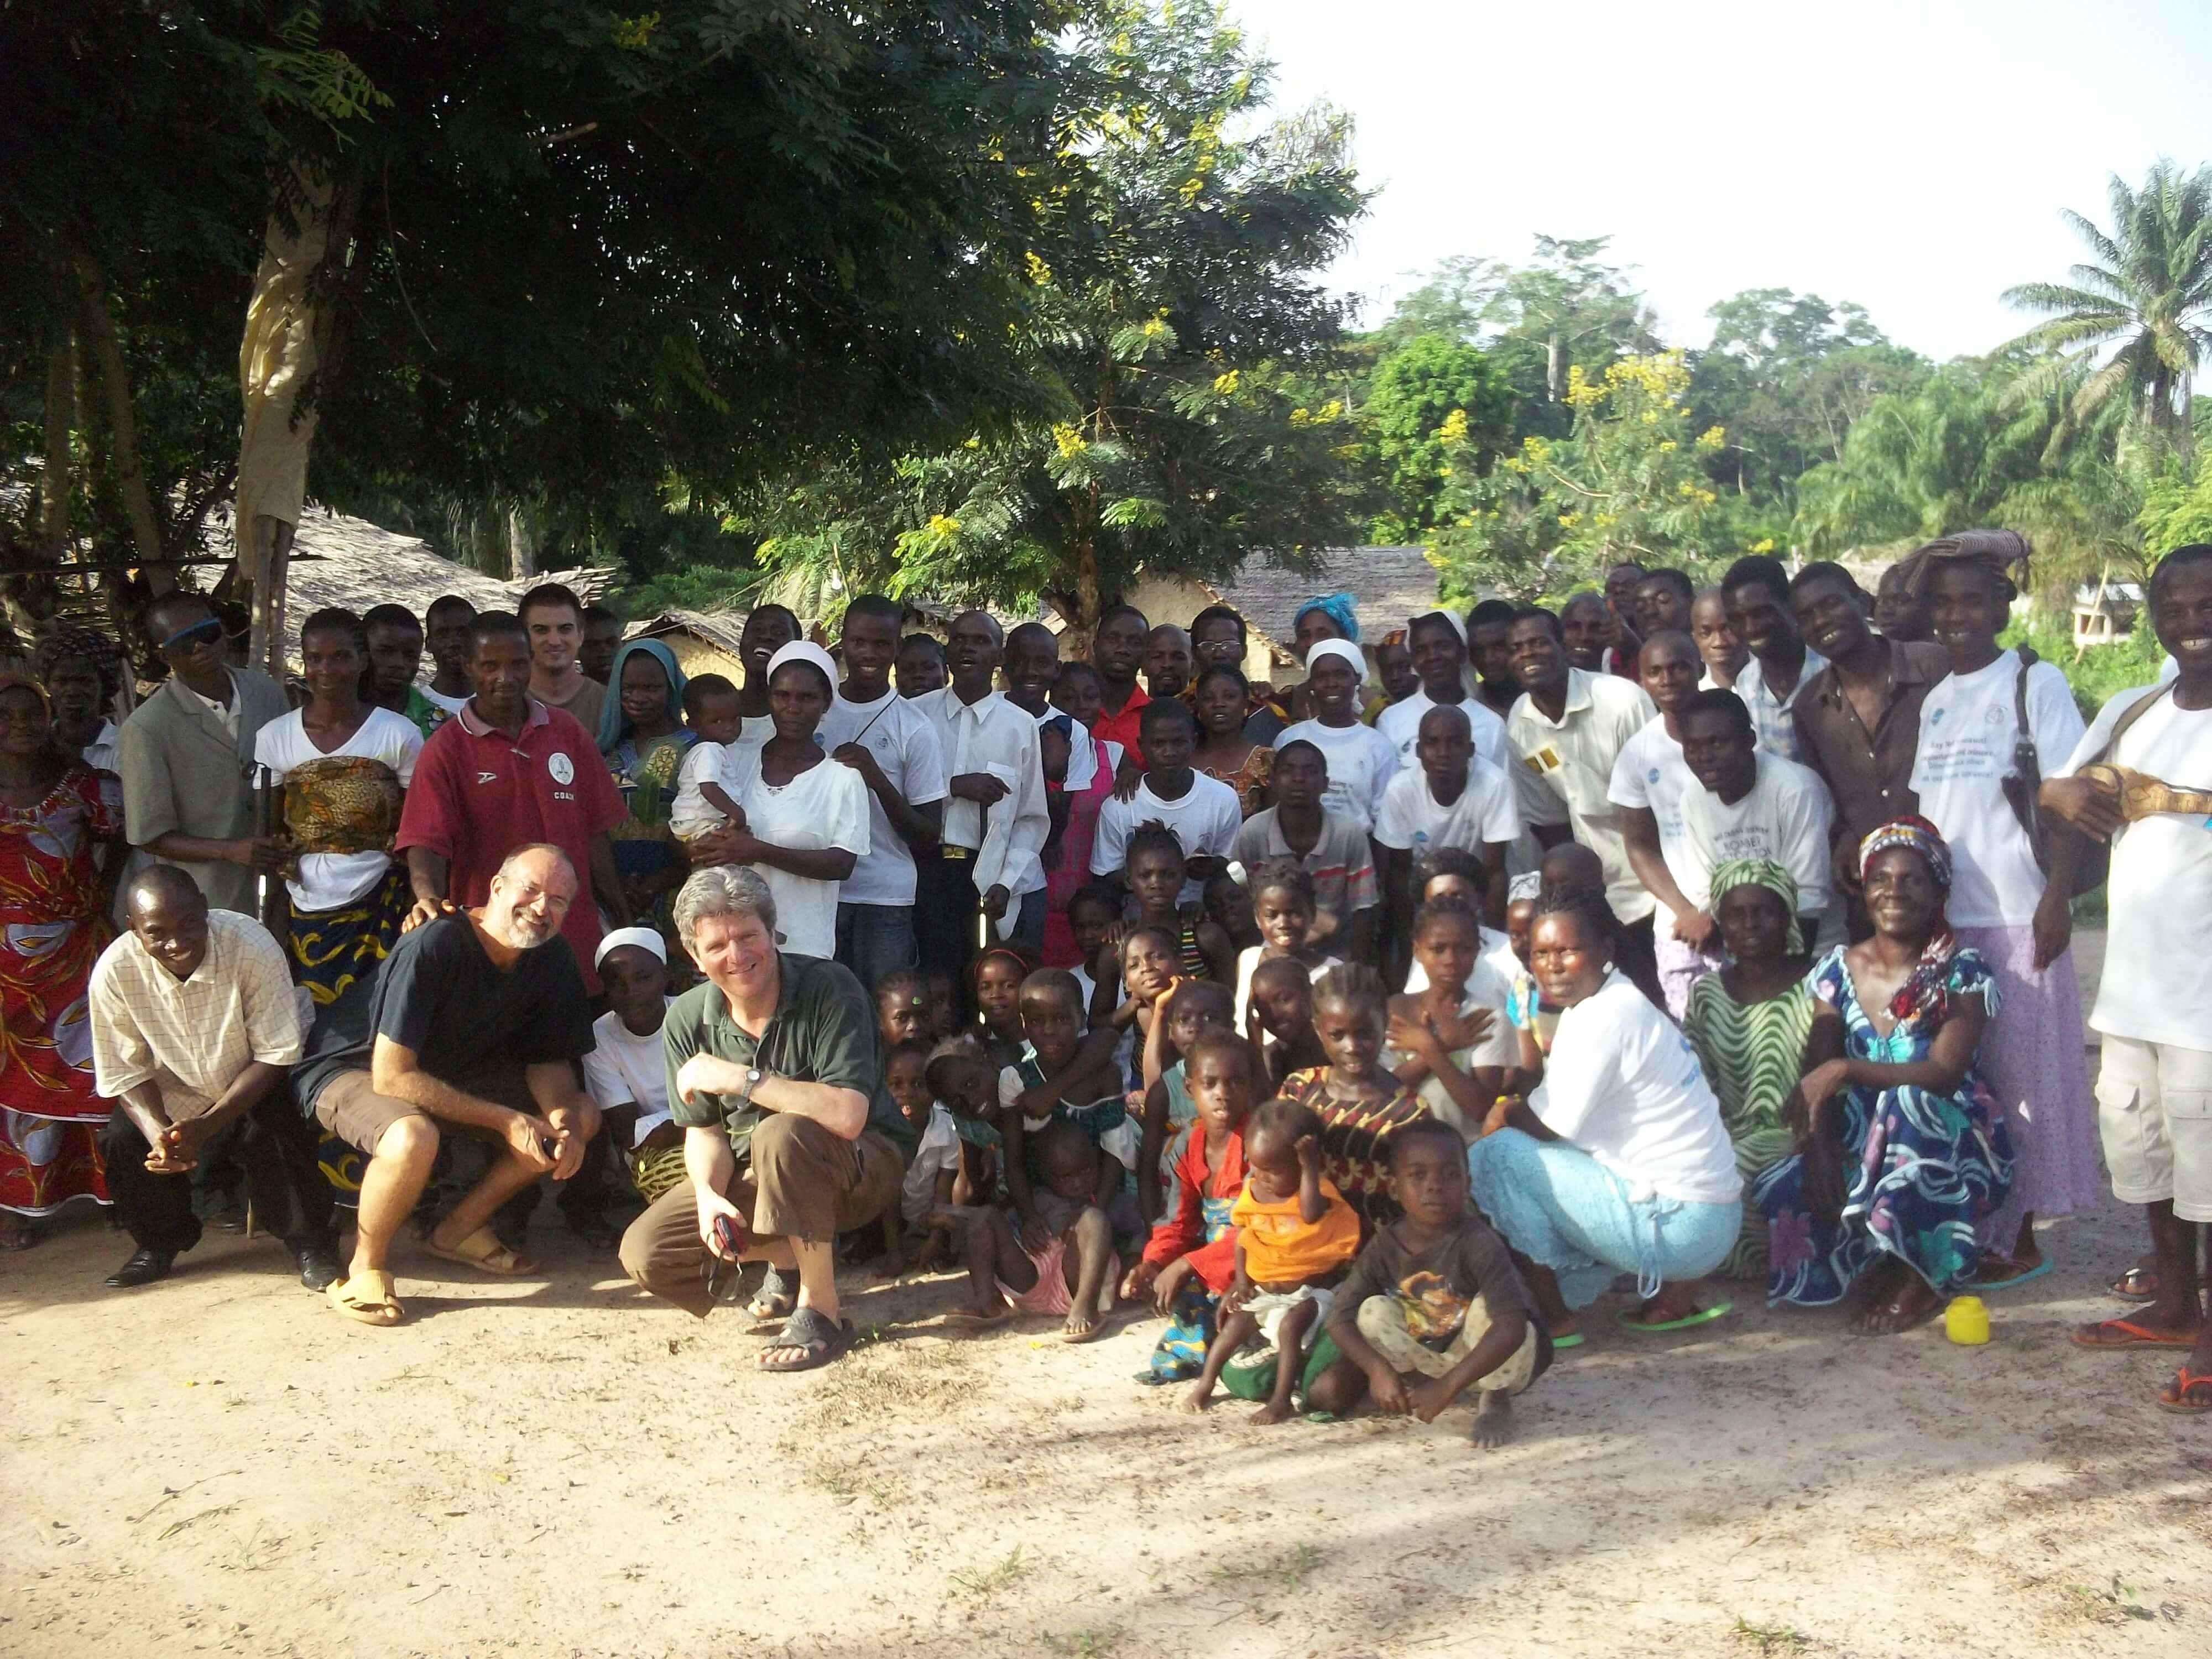 Toute une petite colonie d'ivoiriens a préféré s'installer dans un village libérien de l'autre côté